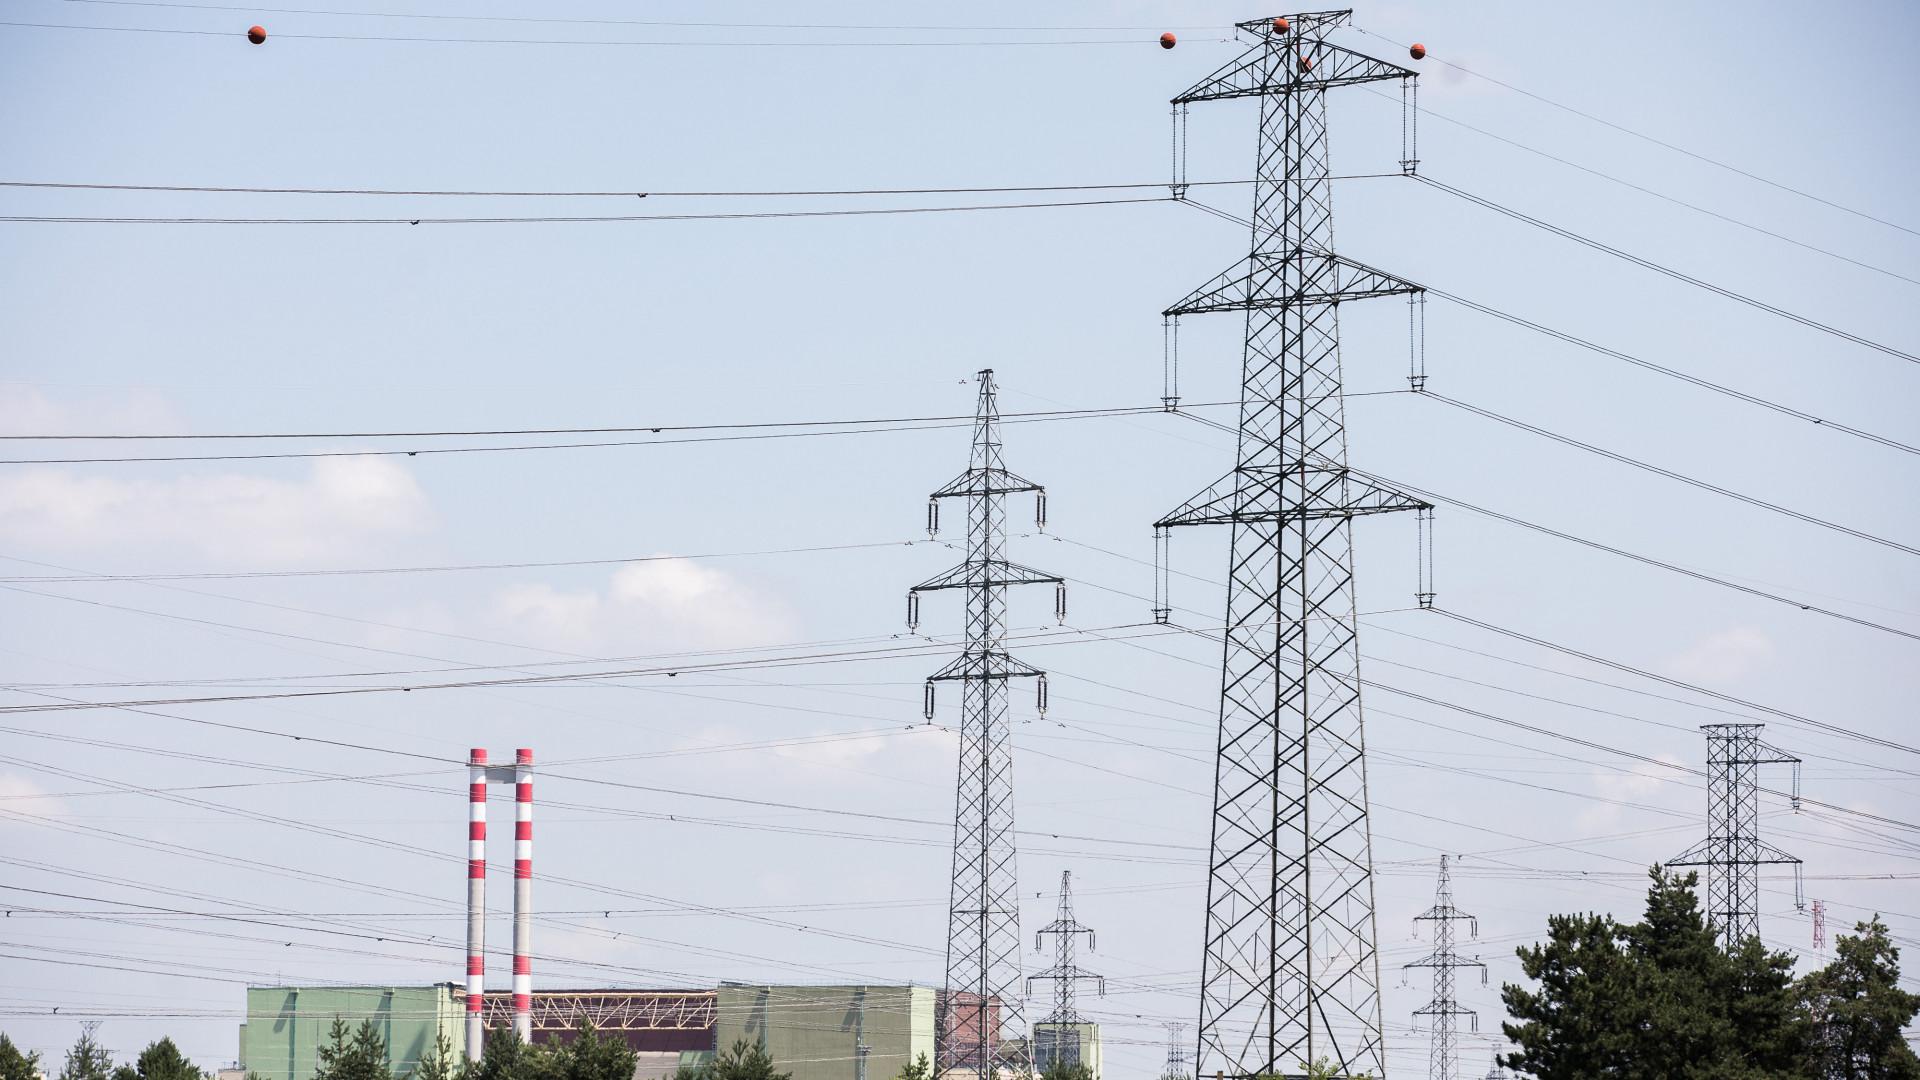 Meghibásodás történt a Paksi Atomerőműben, csökkentett teljesítménnyel üzemel